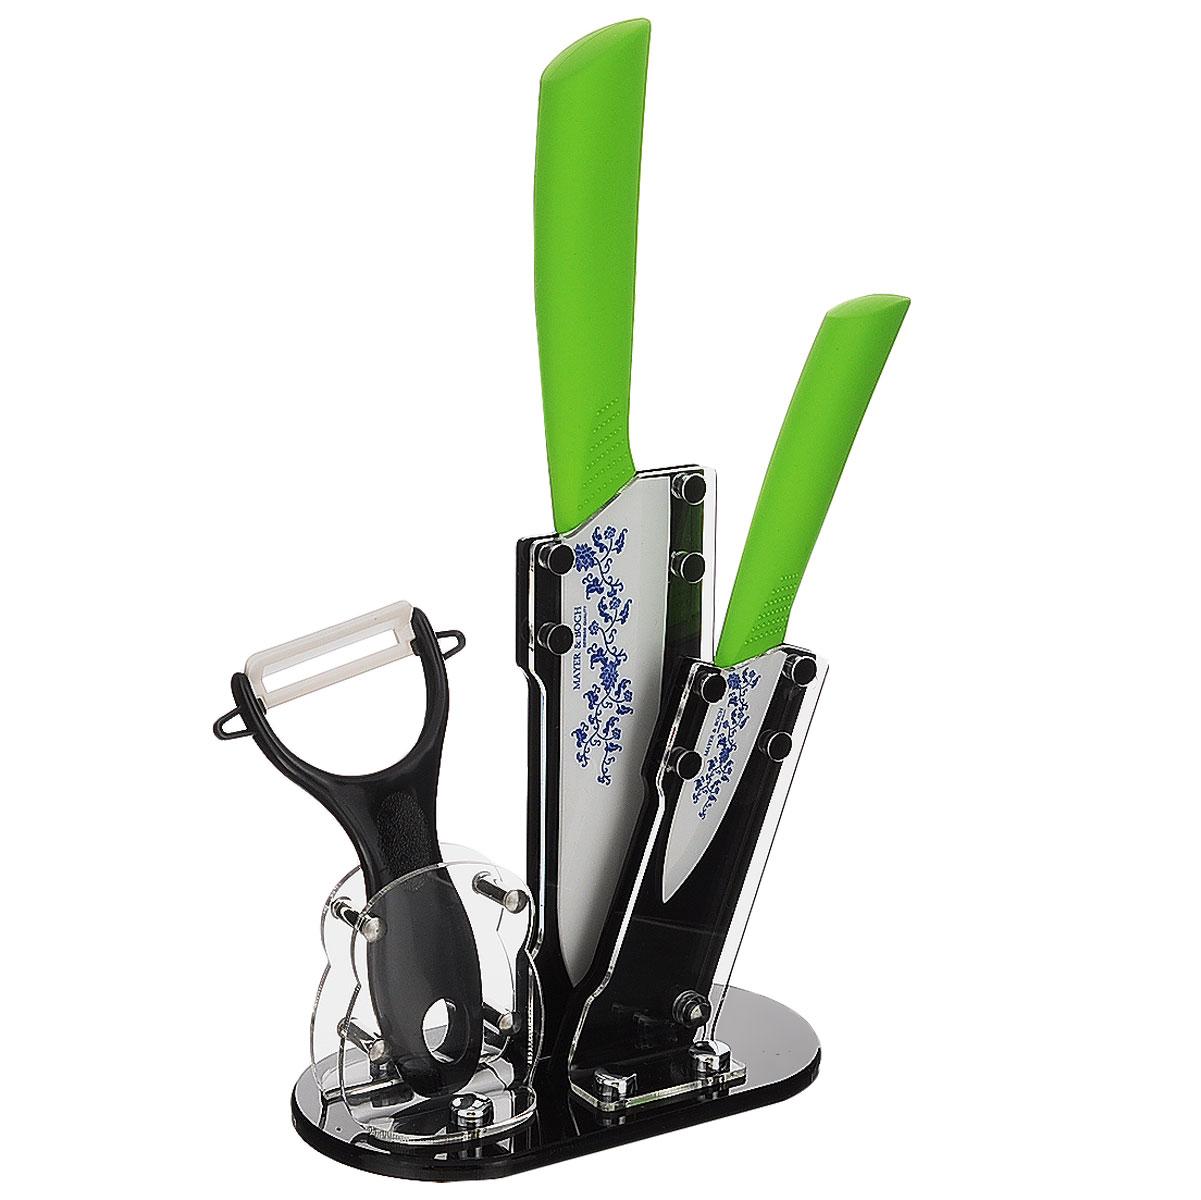 Набор керамических ножей Mayer & Boch, цвет: салатовый, синий. 4 предмета. 2185921859салатовыйНабор керамических ножей Mayer & Boch состоит из 2 ножей, ножа-пиллера и подставки. Ножи выполнены из керамики, ручки из термопластика. Удобная акриловая подставка поможет хранить все ножи в одном месте.Оригинальный набор ножей великолепно украсит интерьер кухни и станет замечательным помощником.Можно мыть в посудомоечной машине.Длина лезвия большого ножа: 15,2 см. Общая длина большого ножа: 27 см. Длина лезвия маленького ножа: 7,6 см. Общая длина маленького ножа: 18 см. Длина лезвия ножа-пиллера: 4,5 см. Размер ножа-пиллера: 13 см х 8 см х 2 см. Размер подставки: 16 см х 9 см х 18 см.